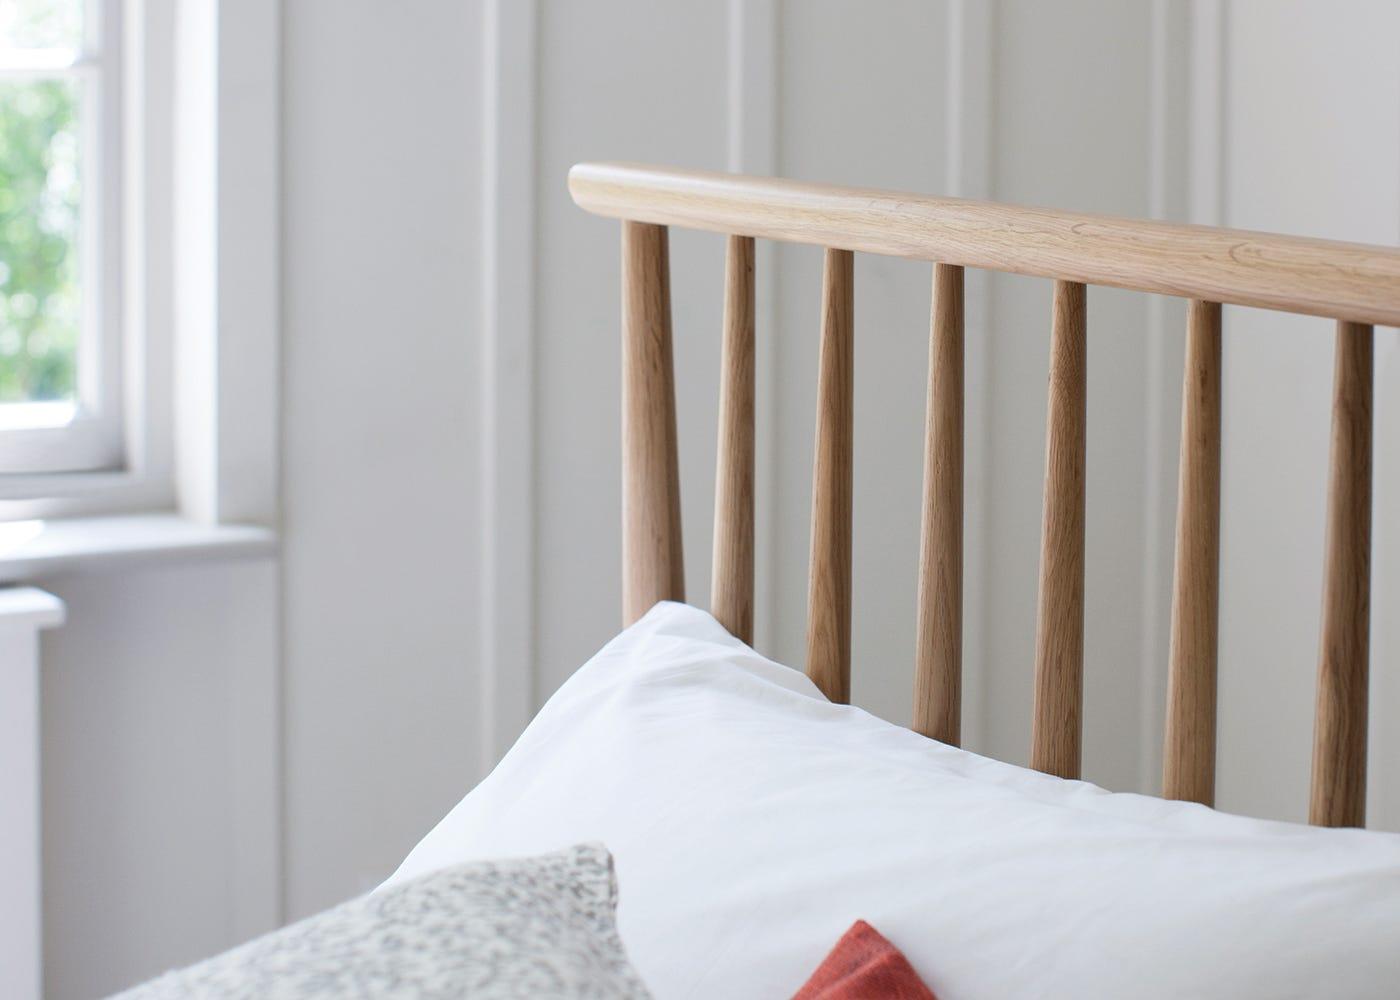 Teramo Bed - Spindle Headboard